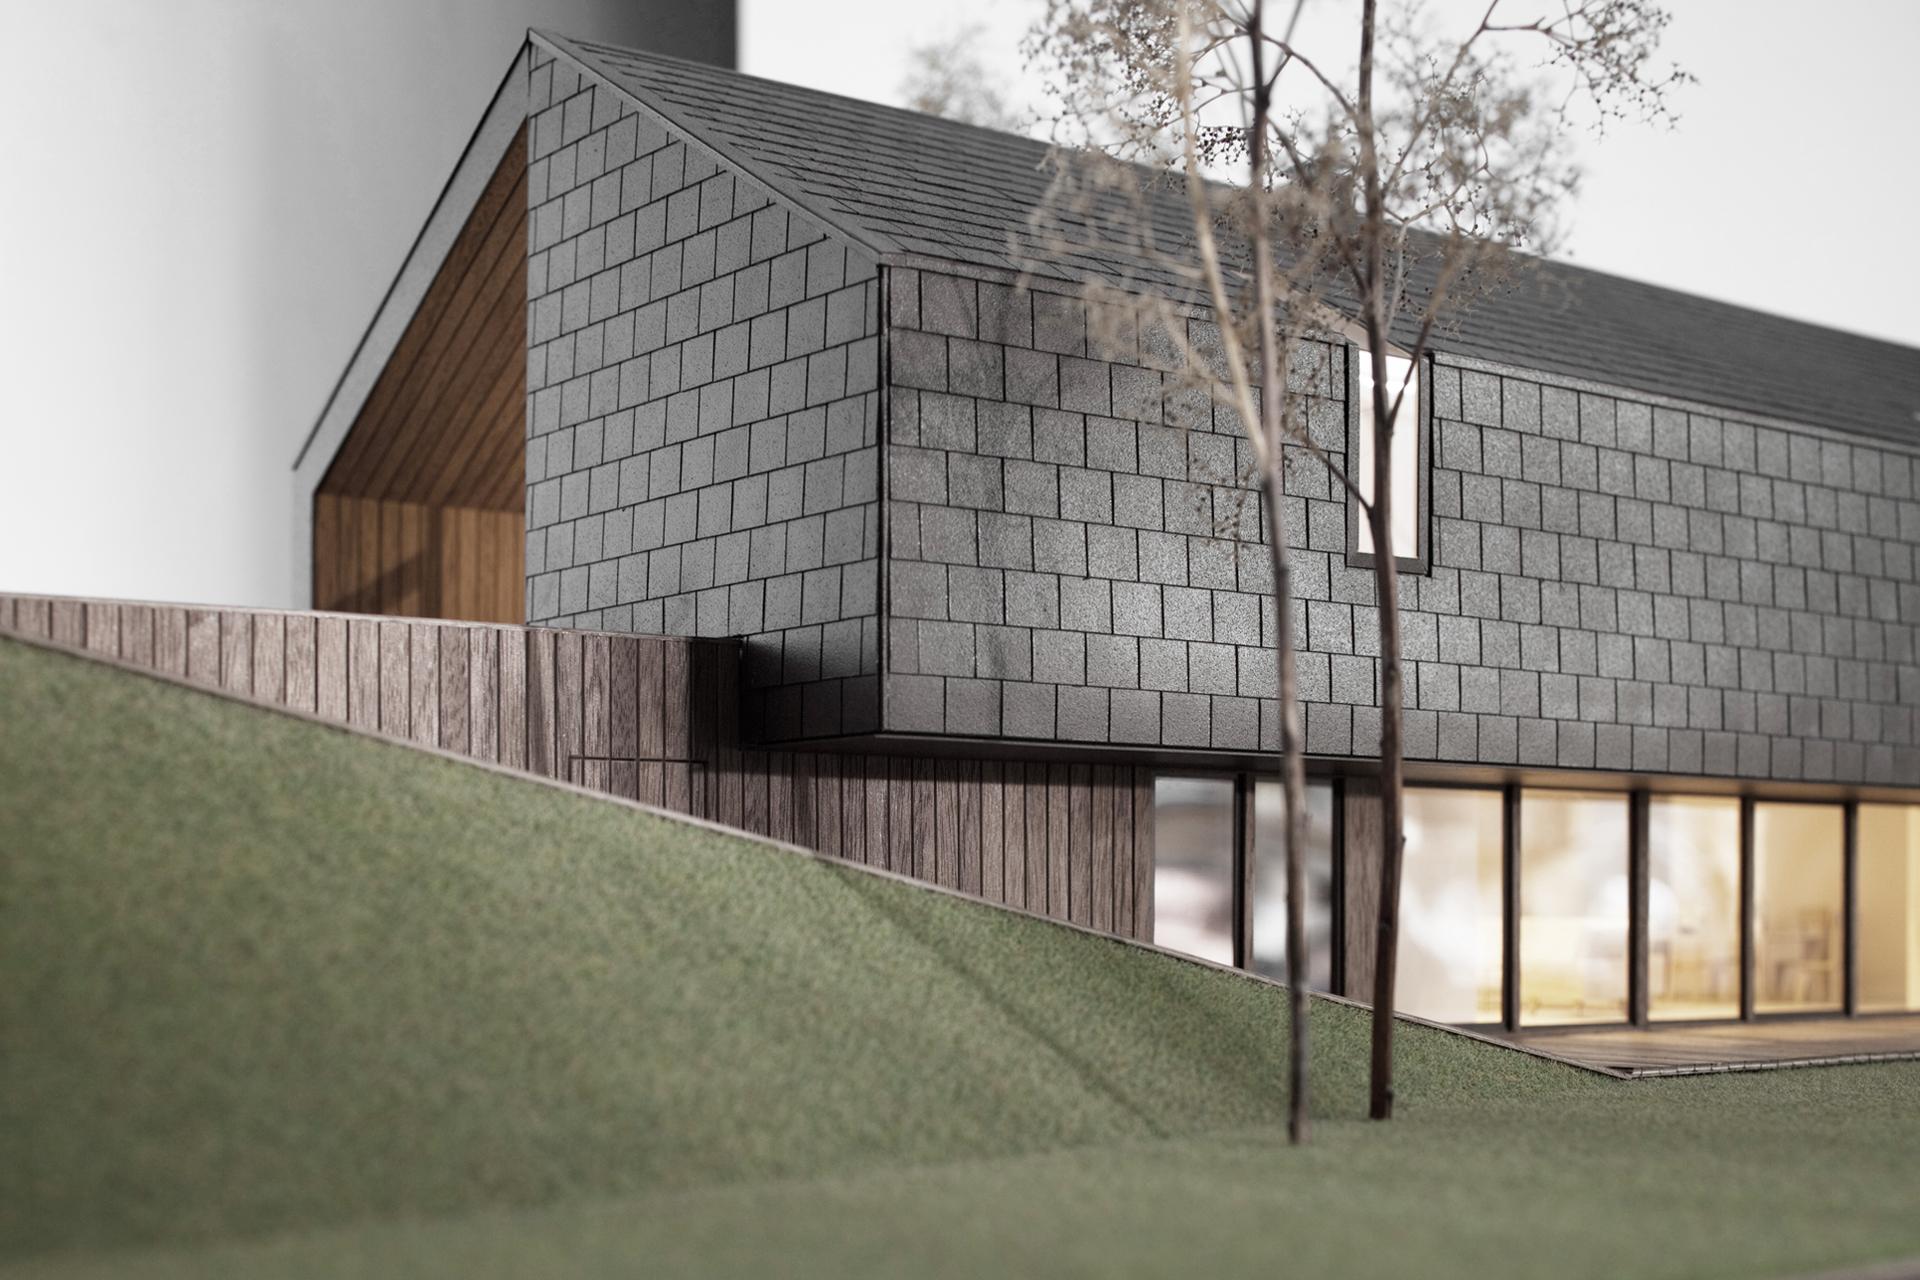 onimo-makiety-architektoniczne-PAG-slope-16a